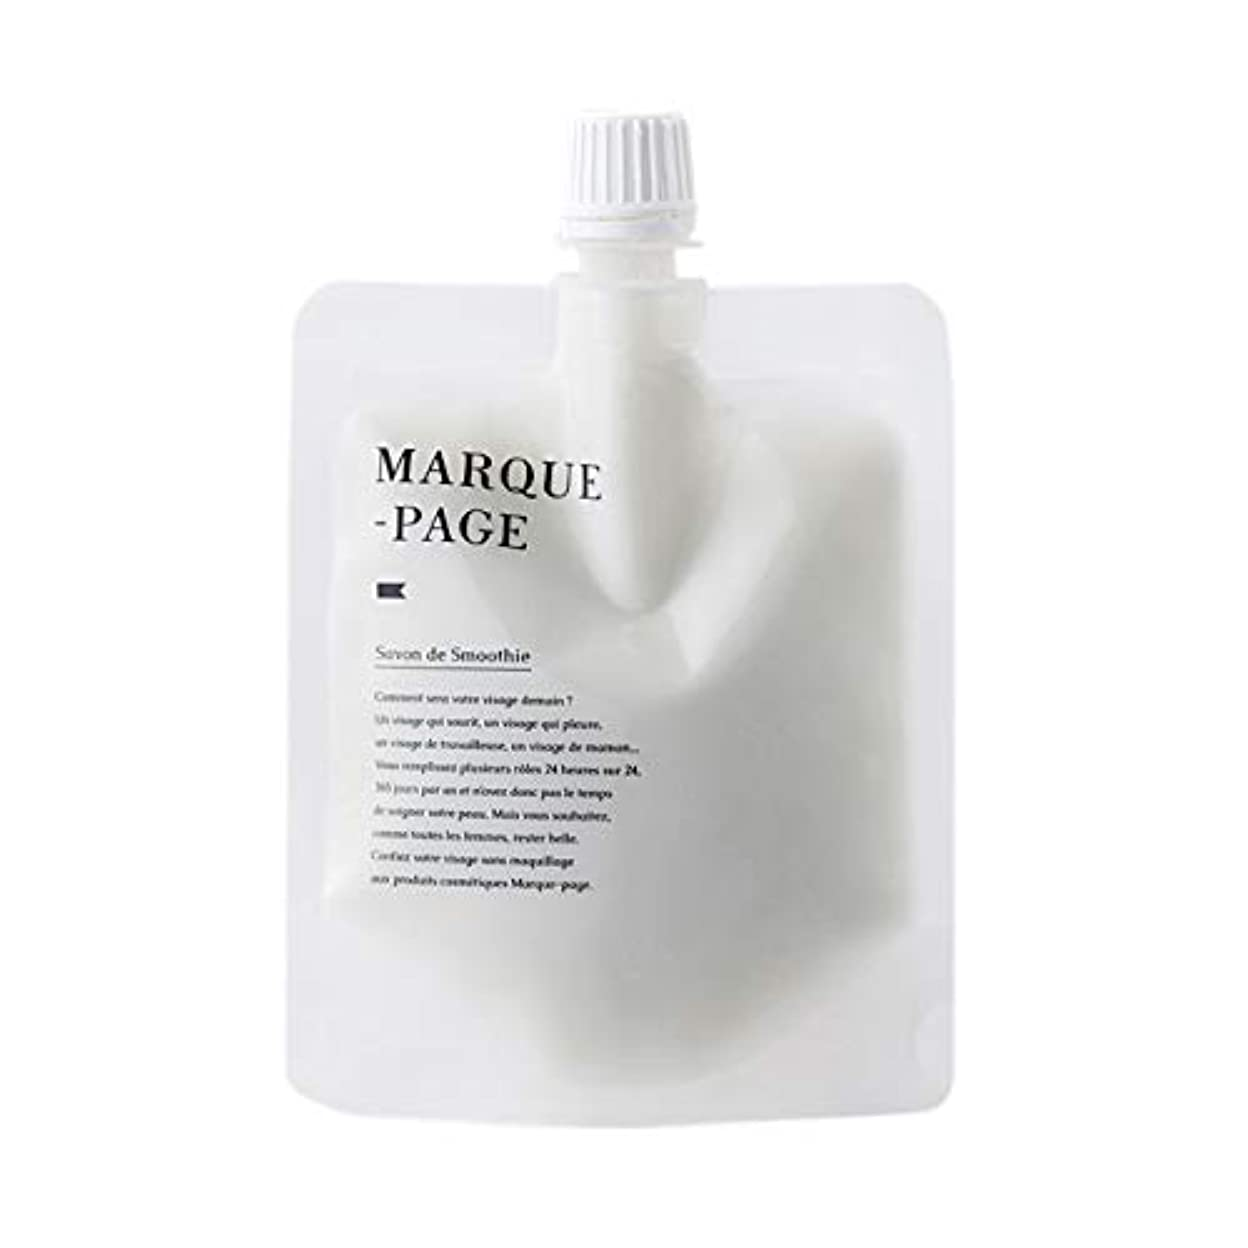 期間理想的なんとなくMARQUE-PAGE マルクパージュ サボン ド スムージー <洗顔料> 100g